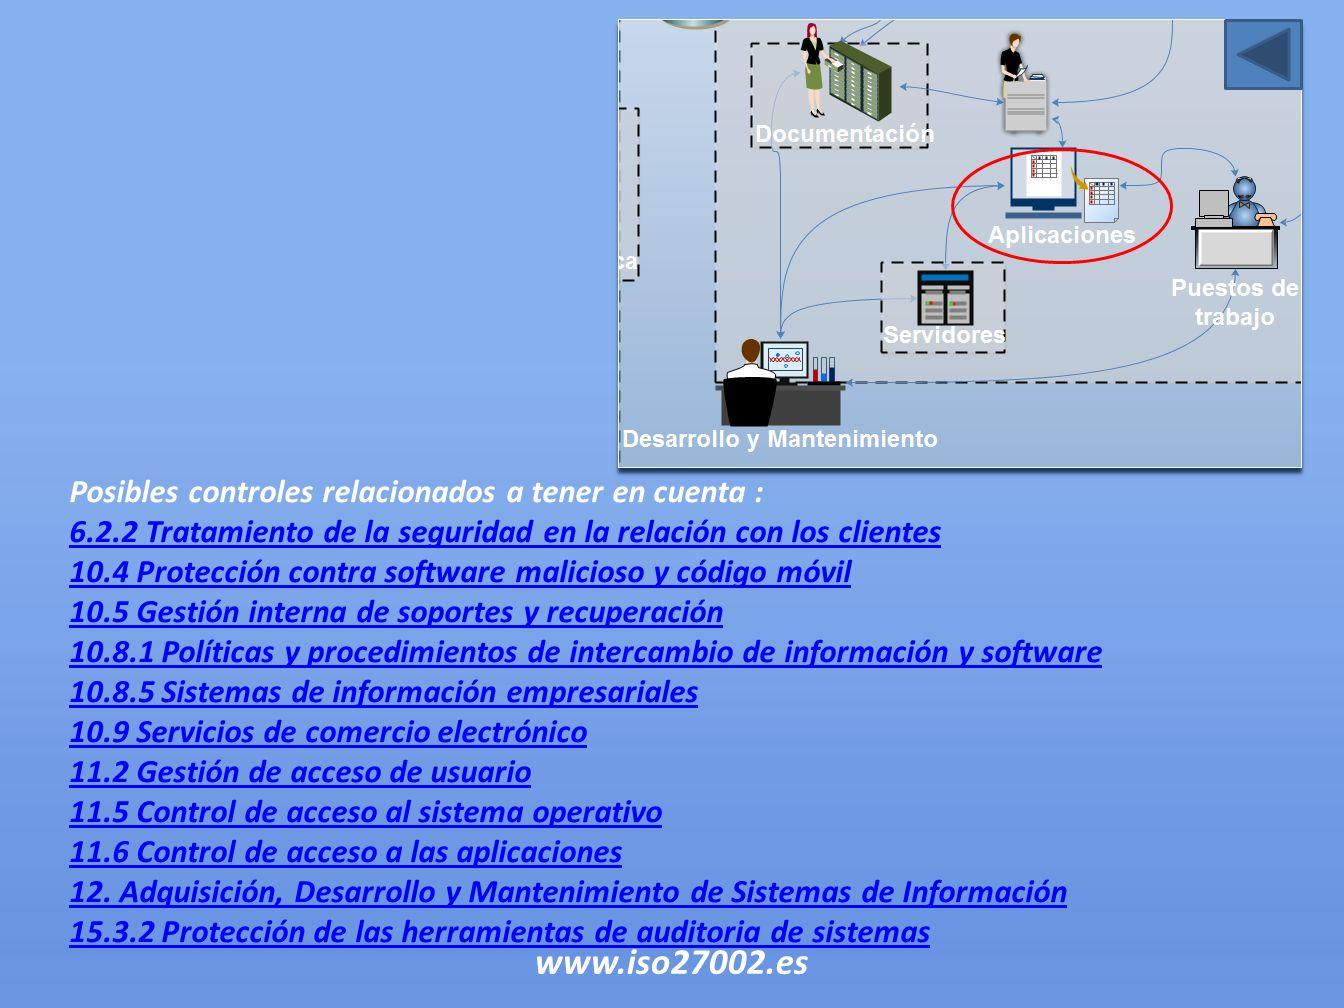 www.iso27002.es Posibles controles relacionados a tener en cuenta :